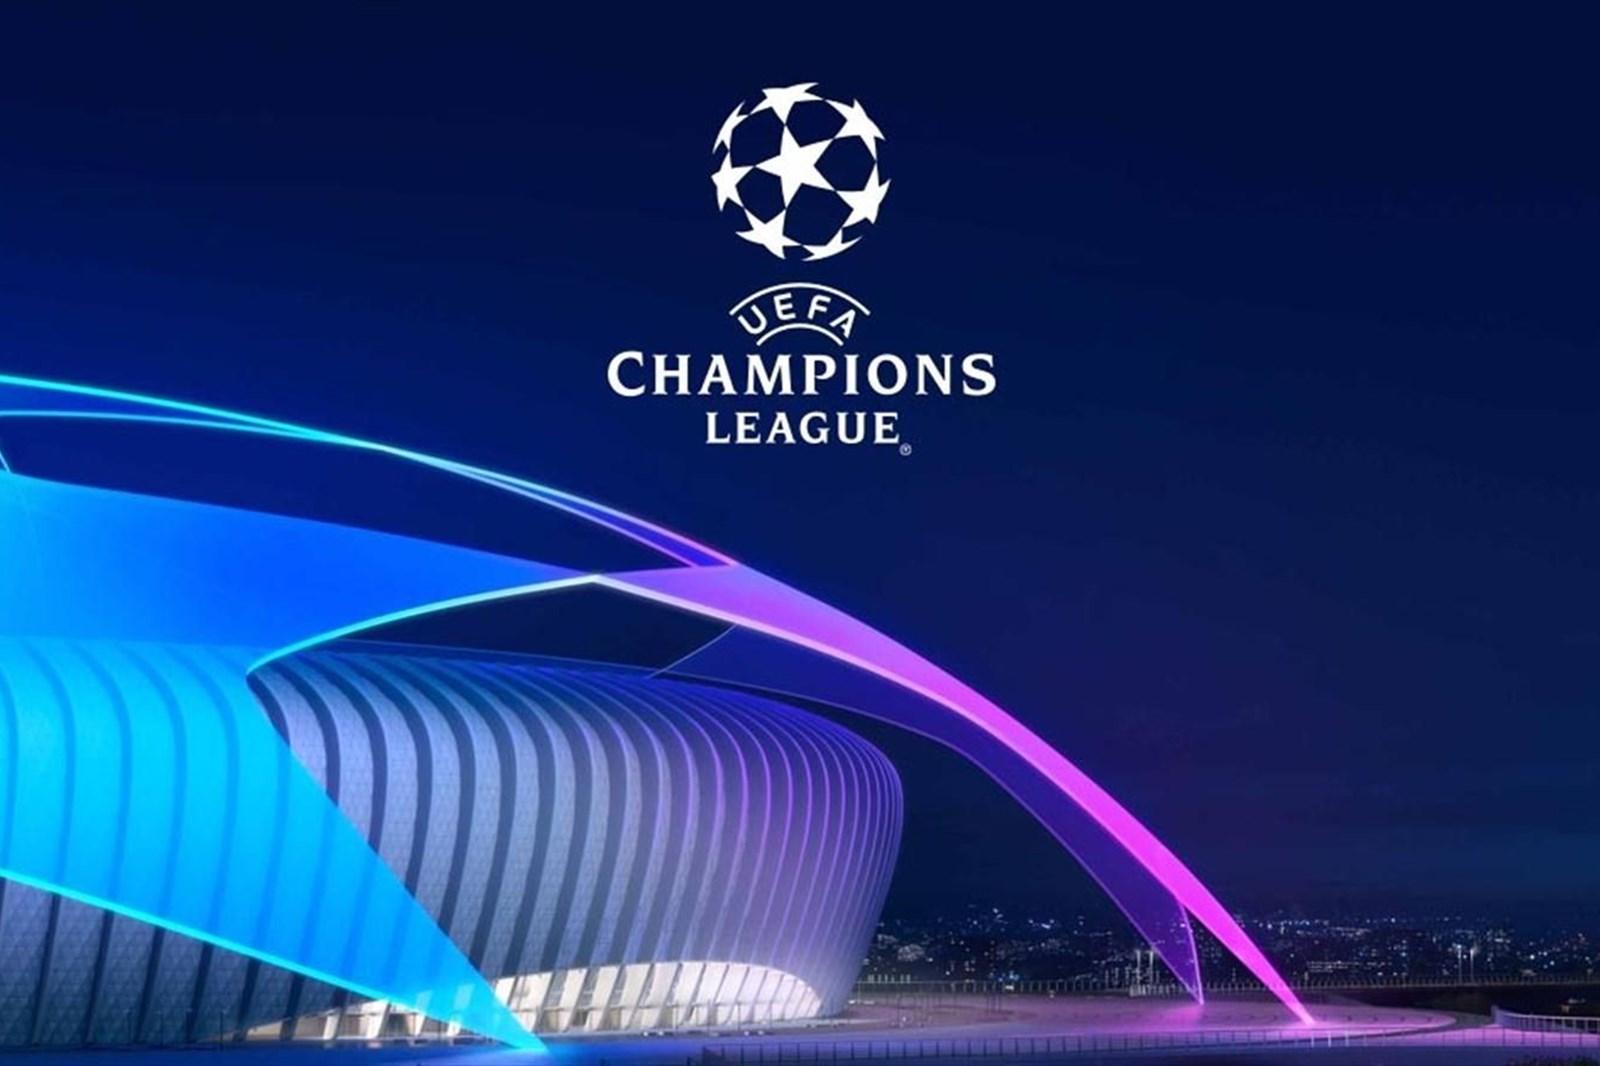 Şampiyonlar Ligi heyecanı yeniden başlıyor!